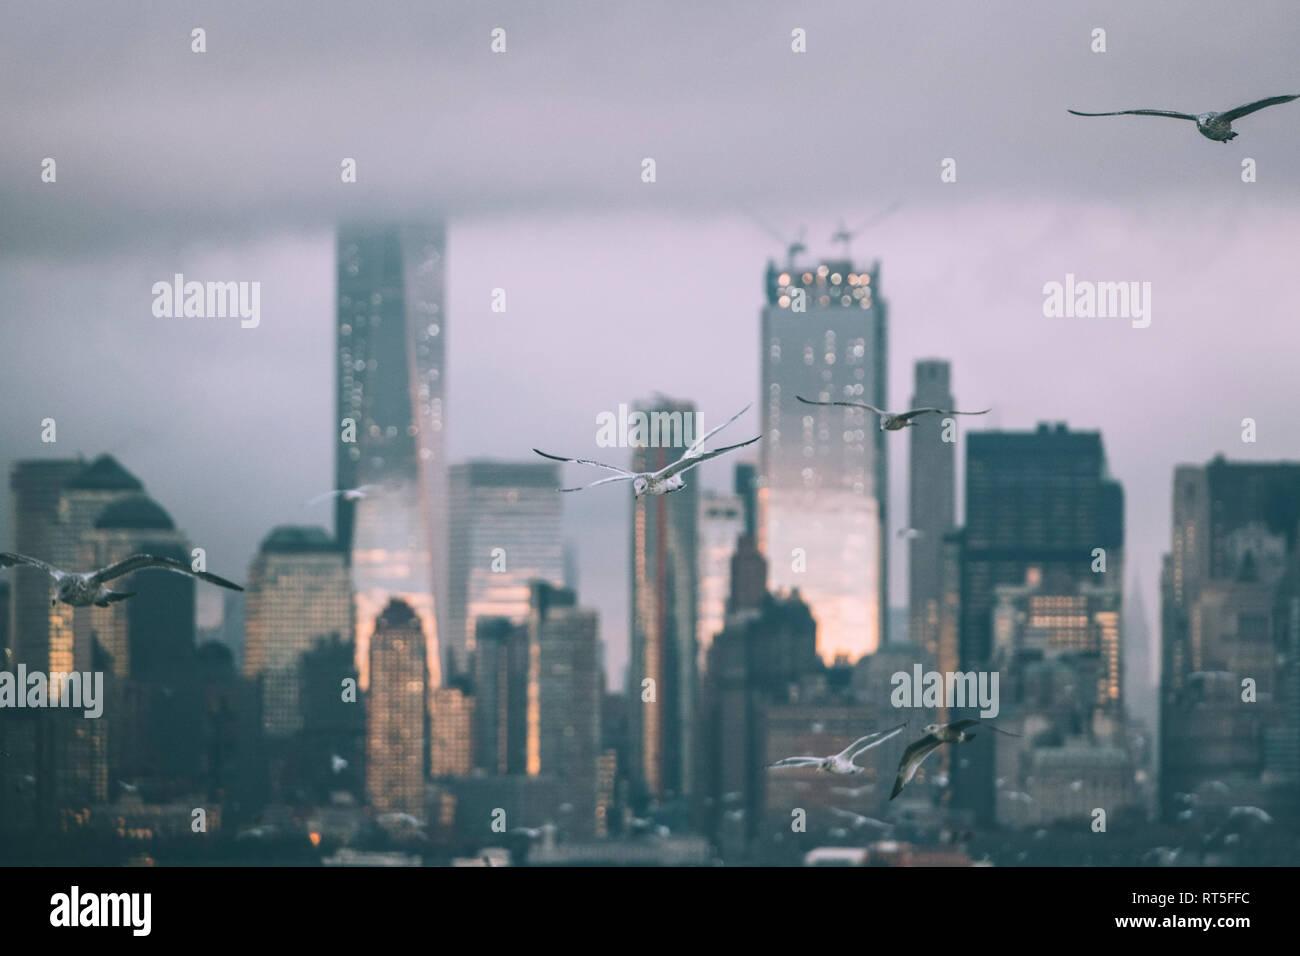 USA, New York, Panorama of Manhattan skyline, birds fly - Stock Image